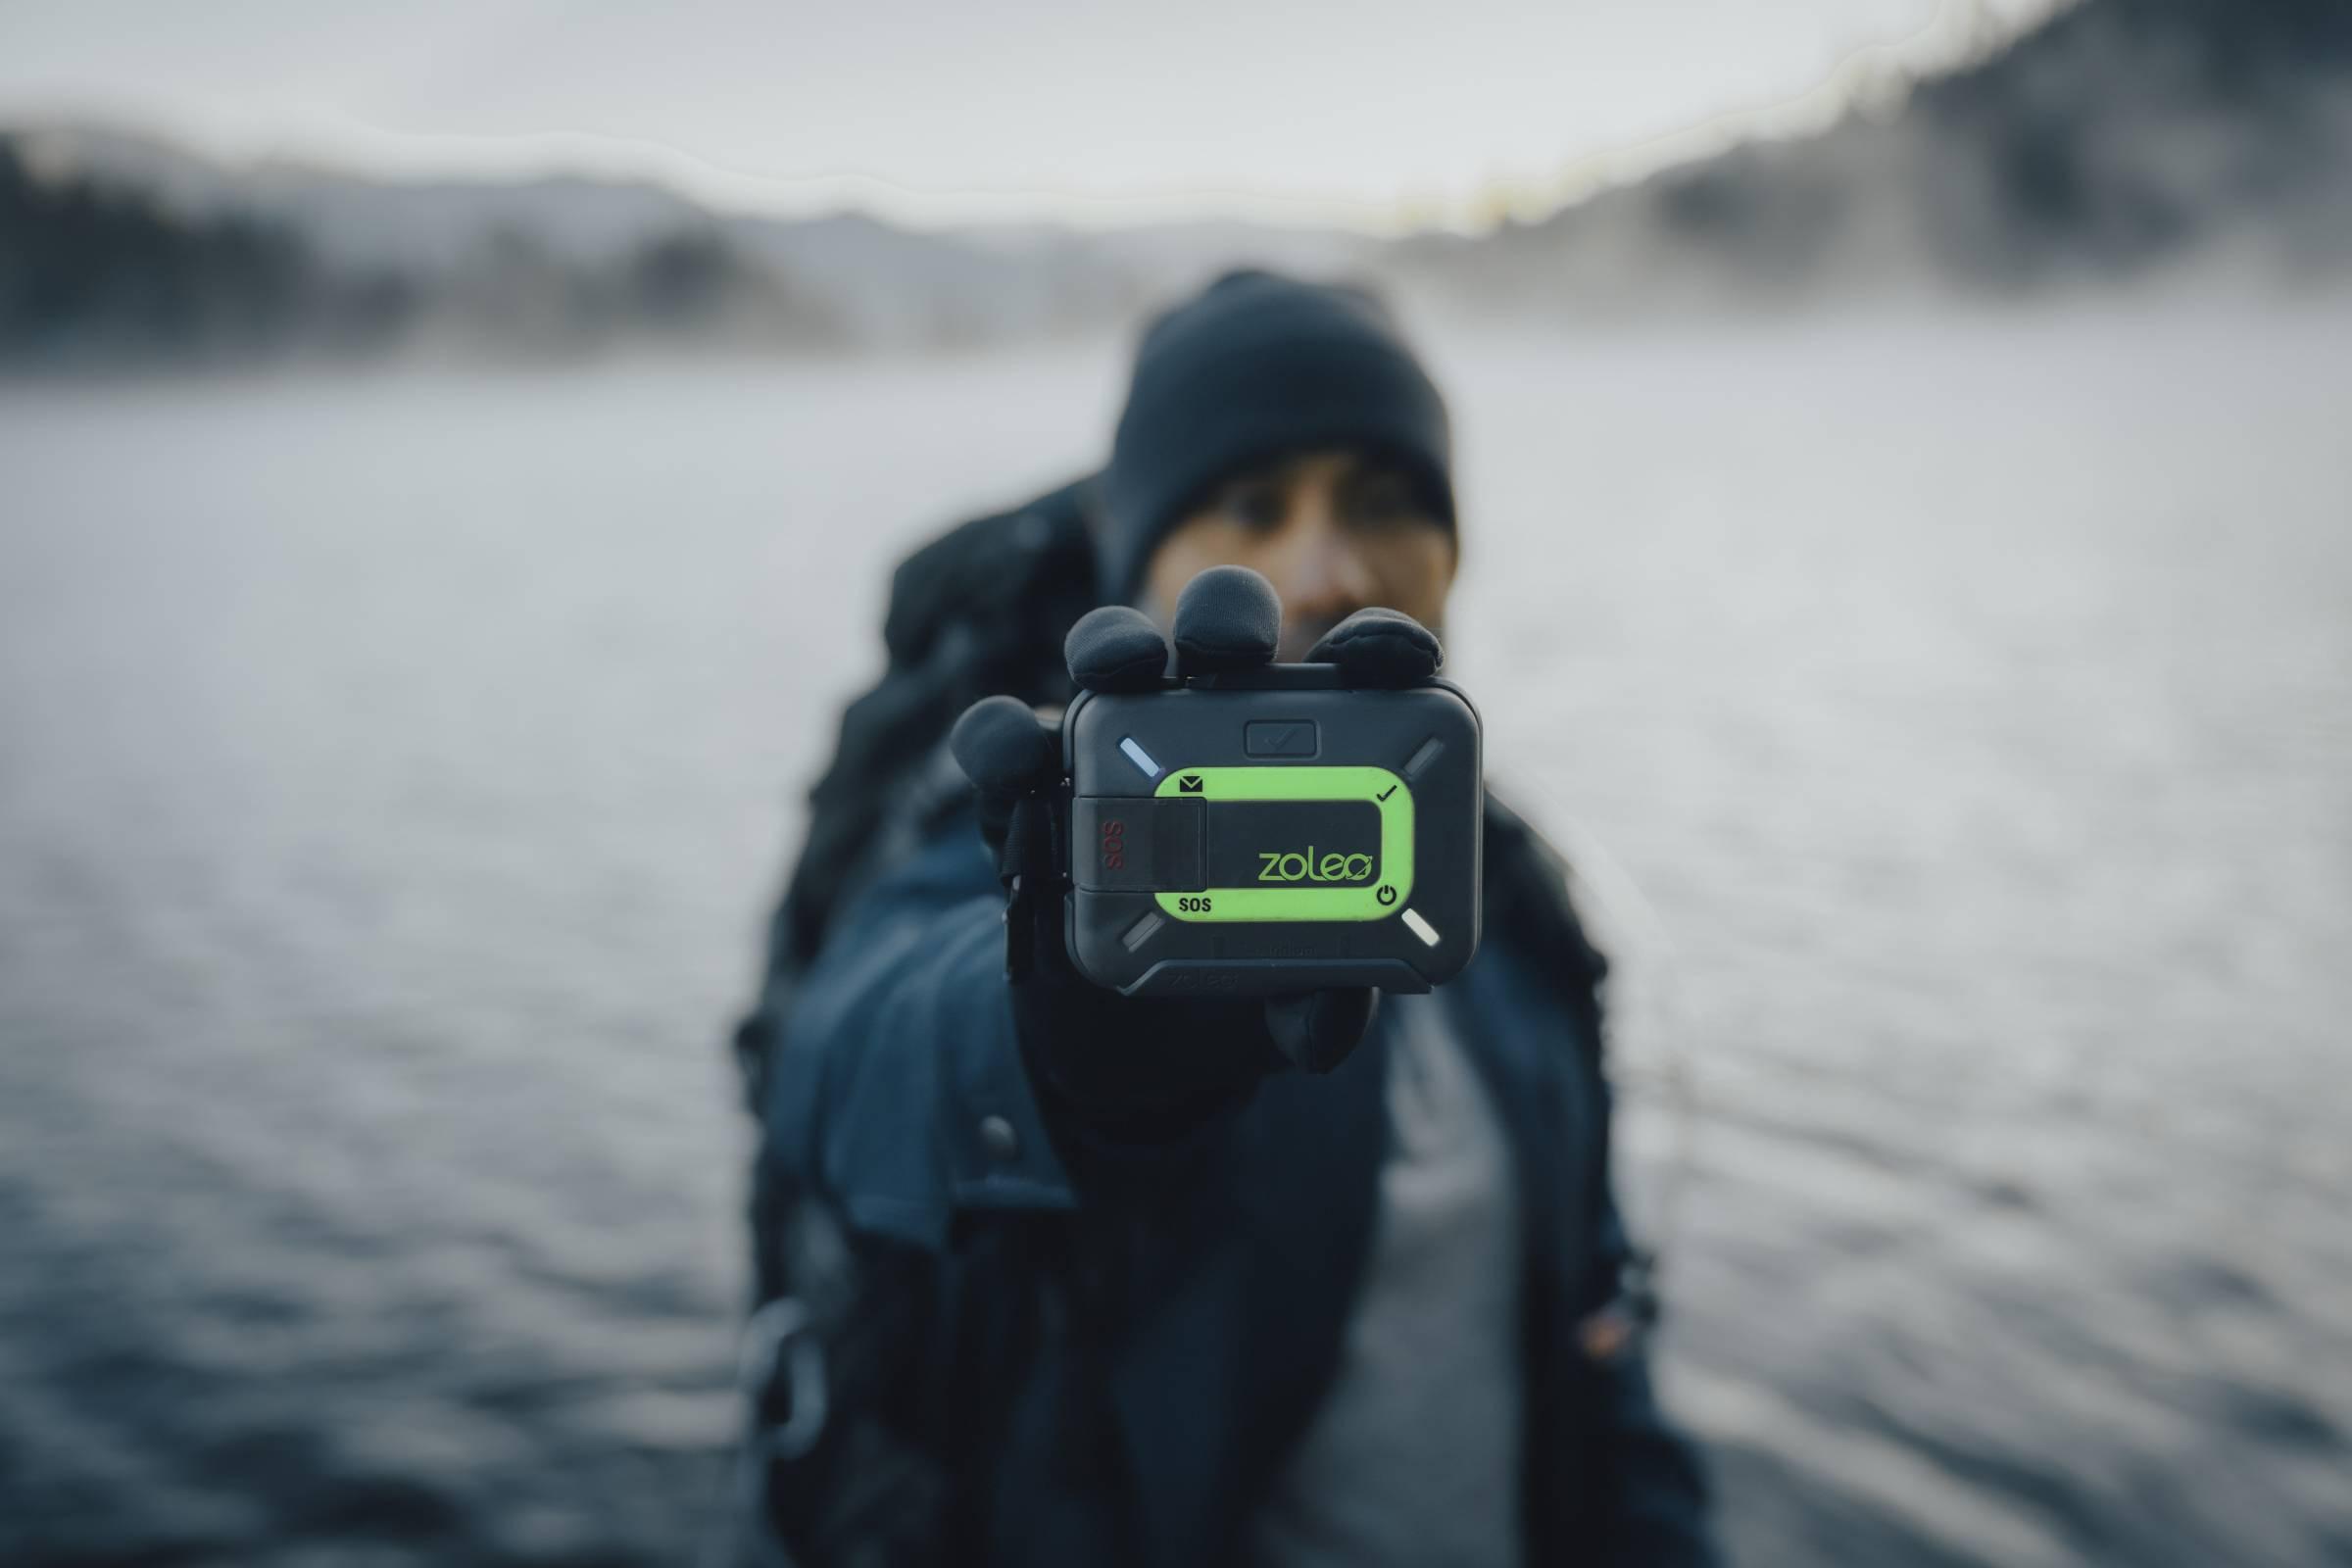 Zoleo-backcountry-communication-device